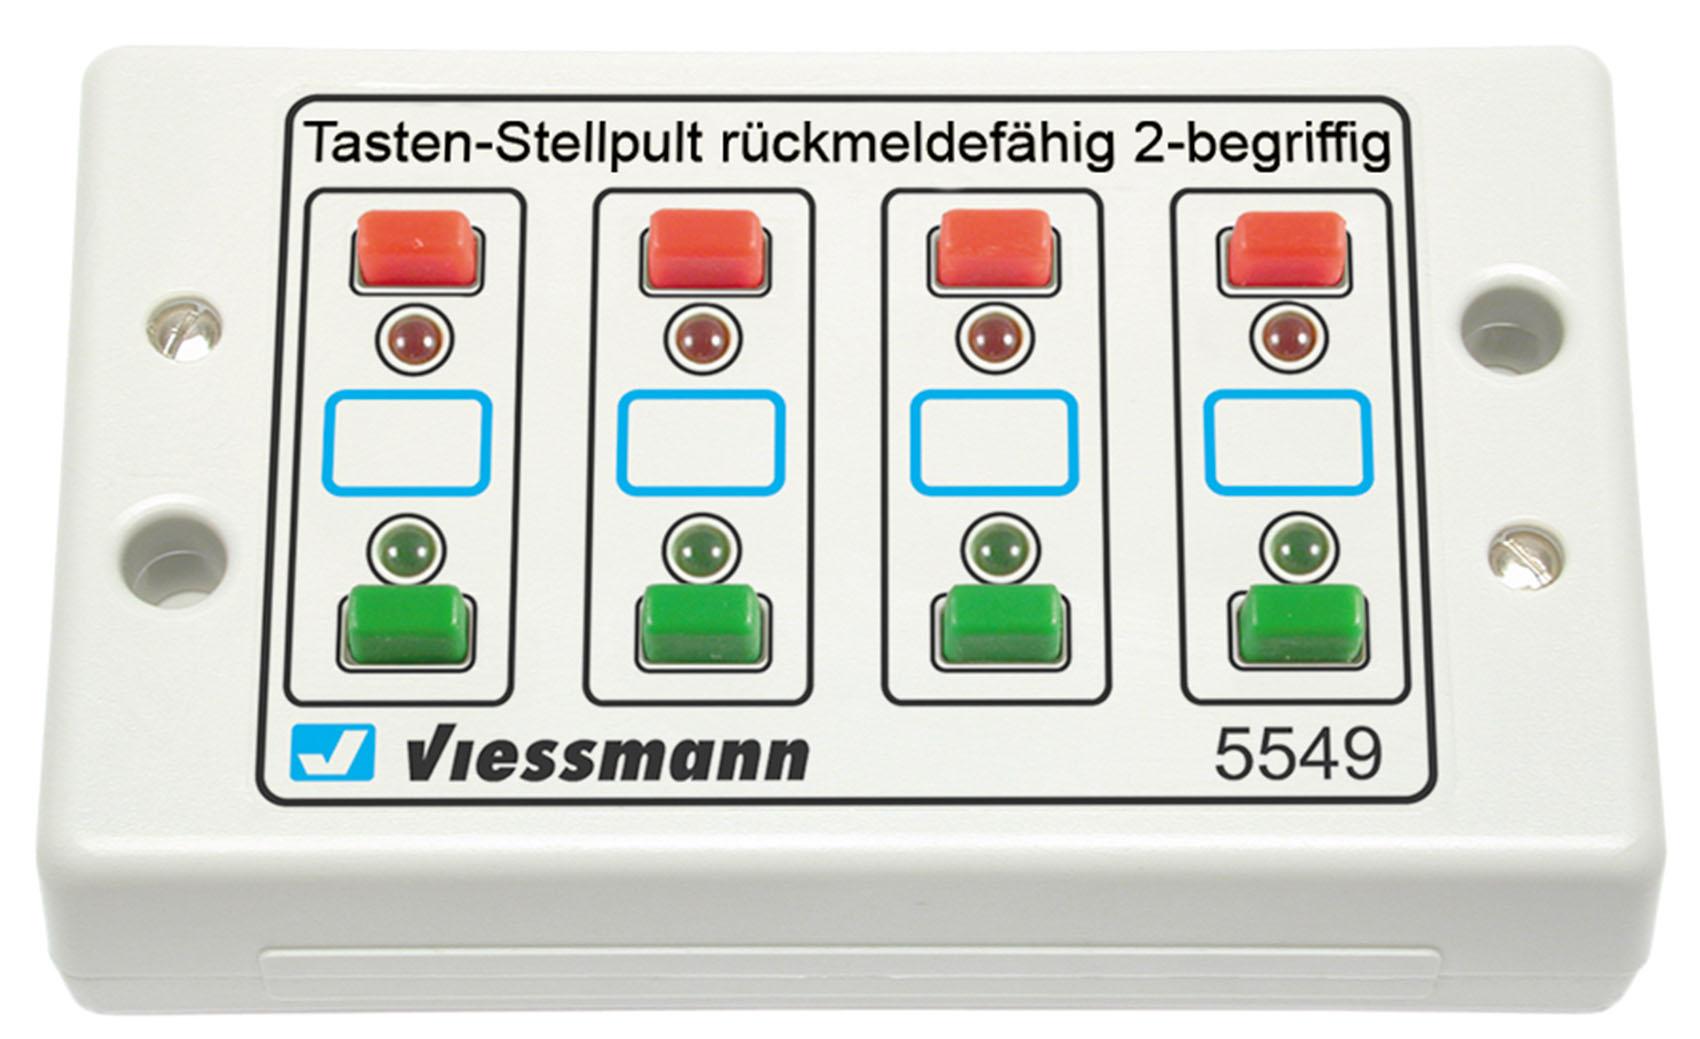 Viessmann 5549 Universal-Tasten-Stellpult, rückmeldefähig,2-begriffig